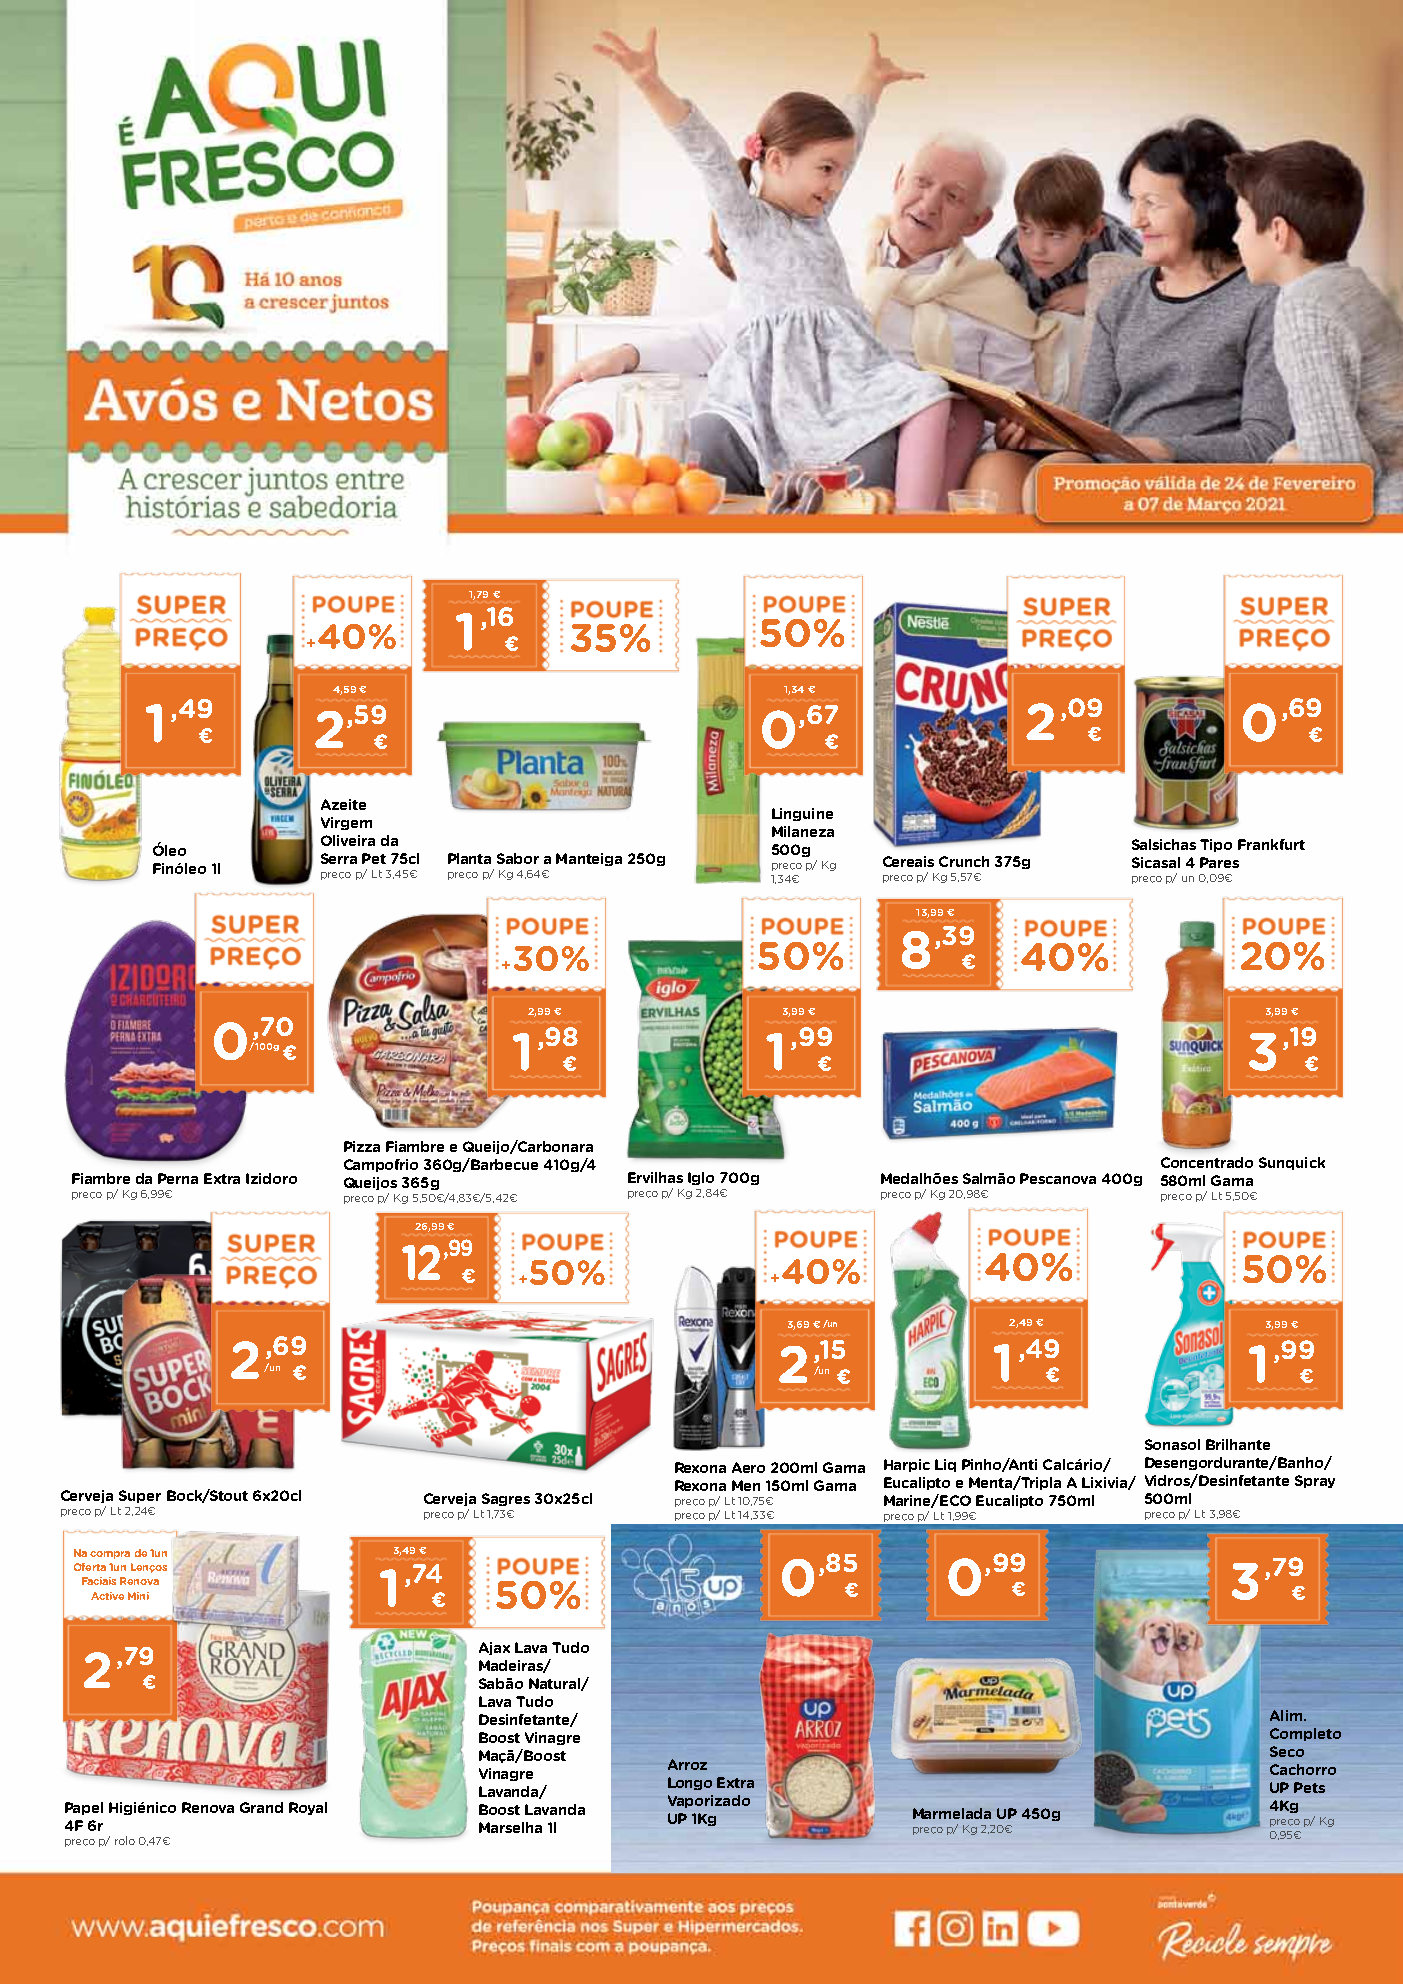 folheto promocoes aqui fresco 24 fevereiro Page1